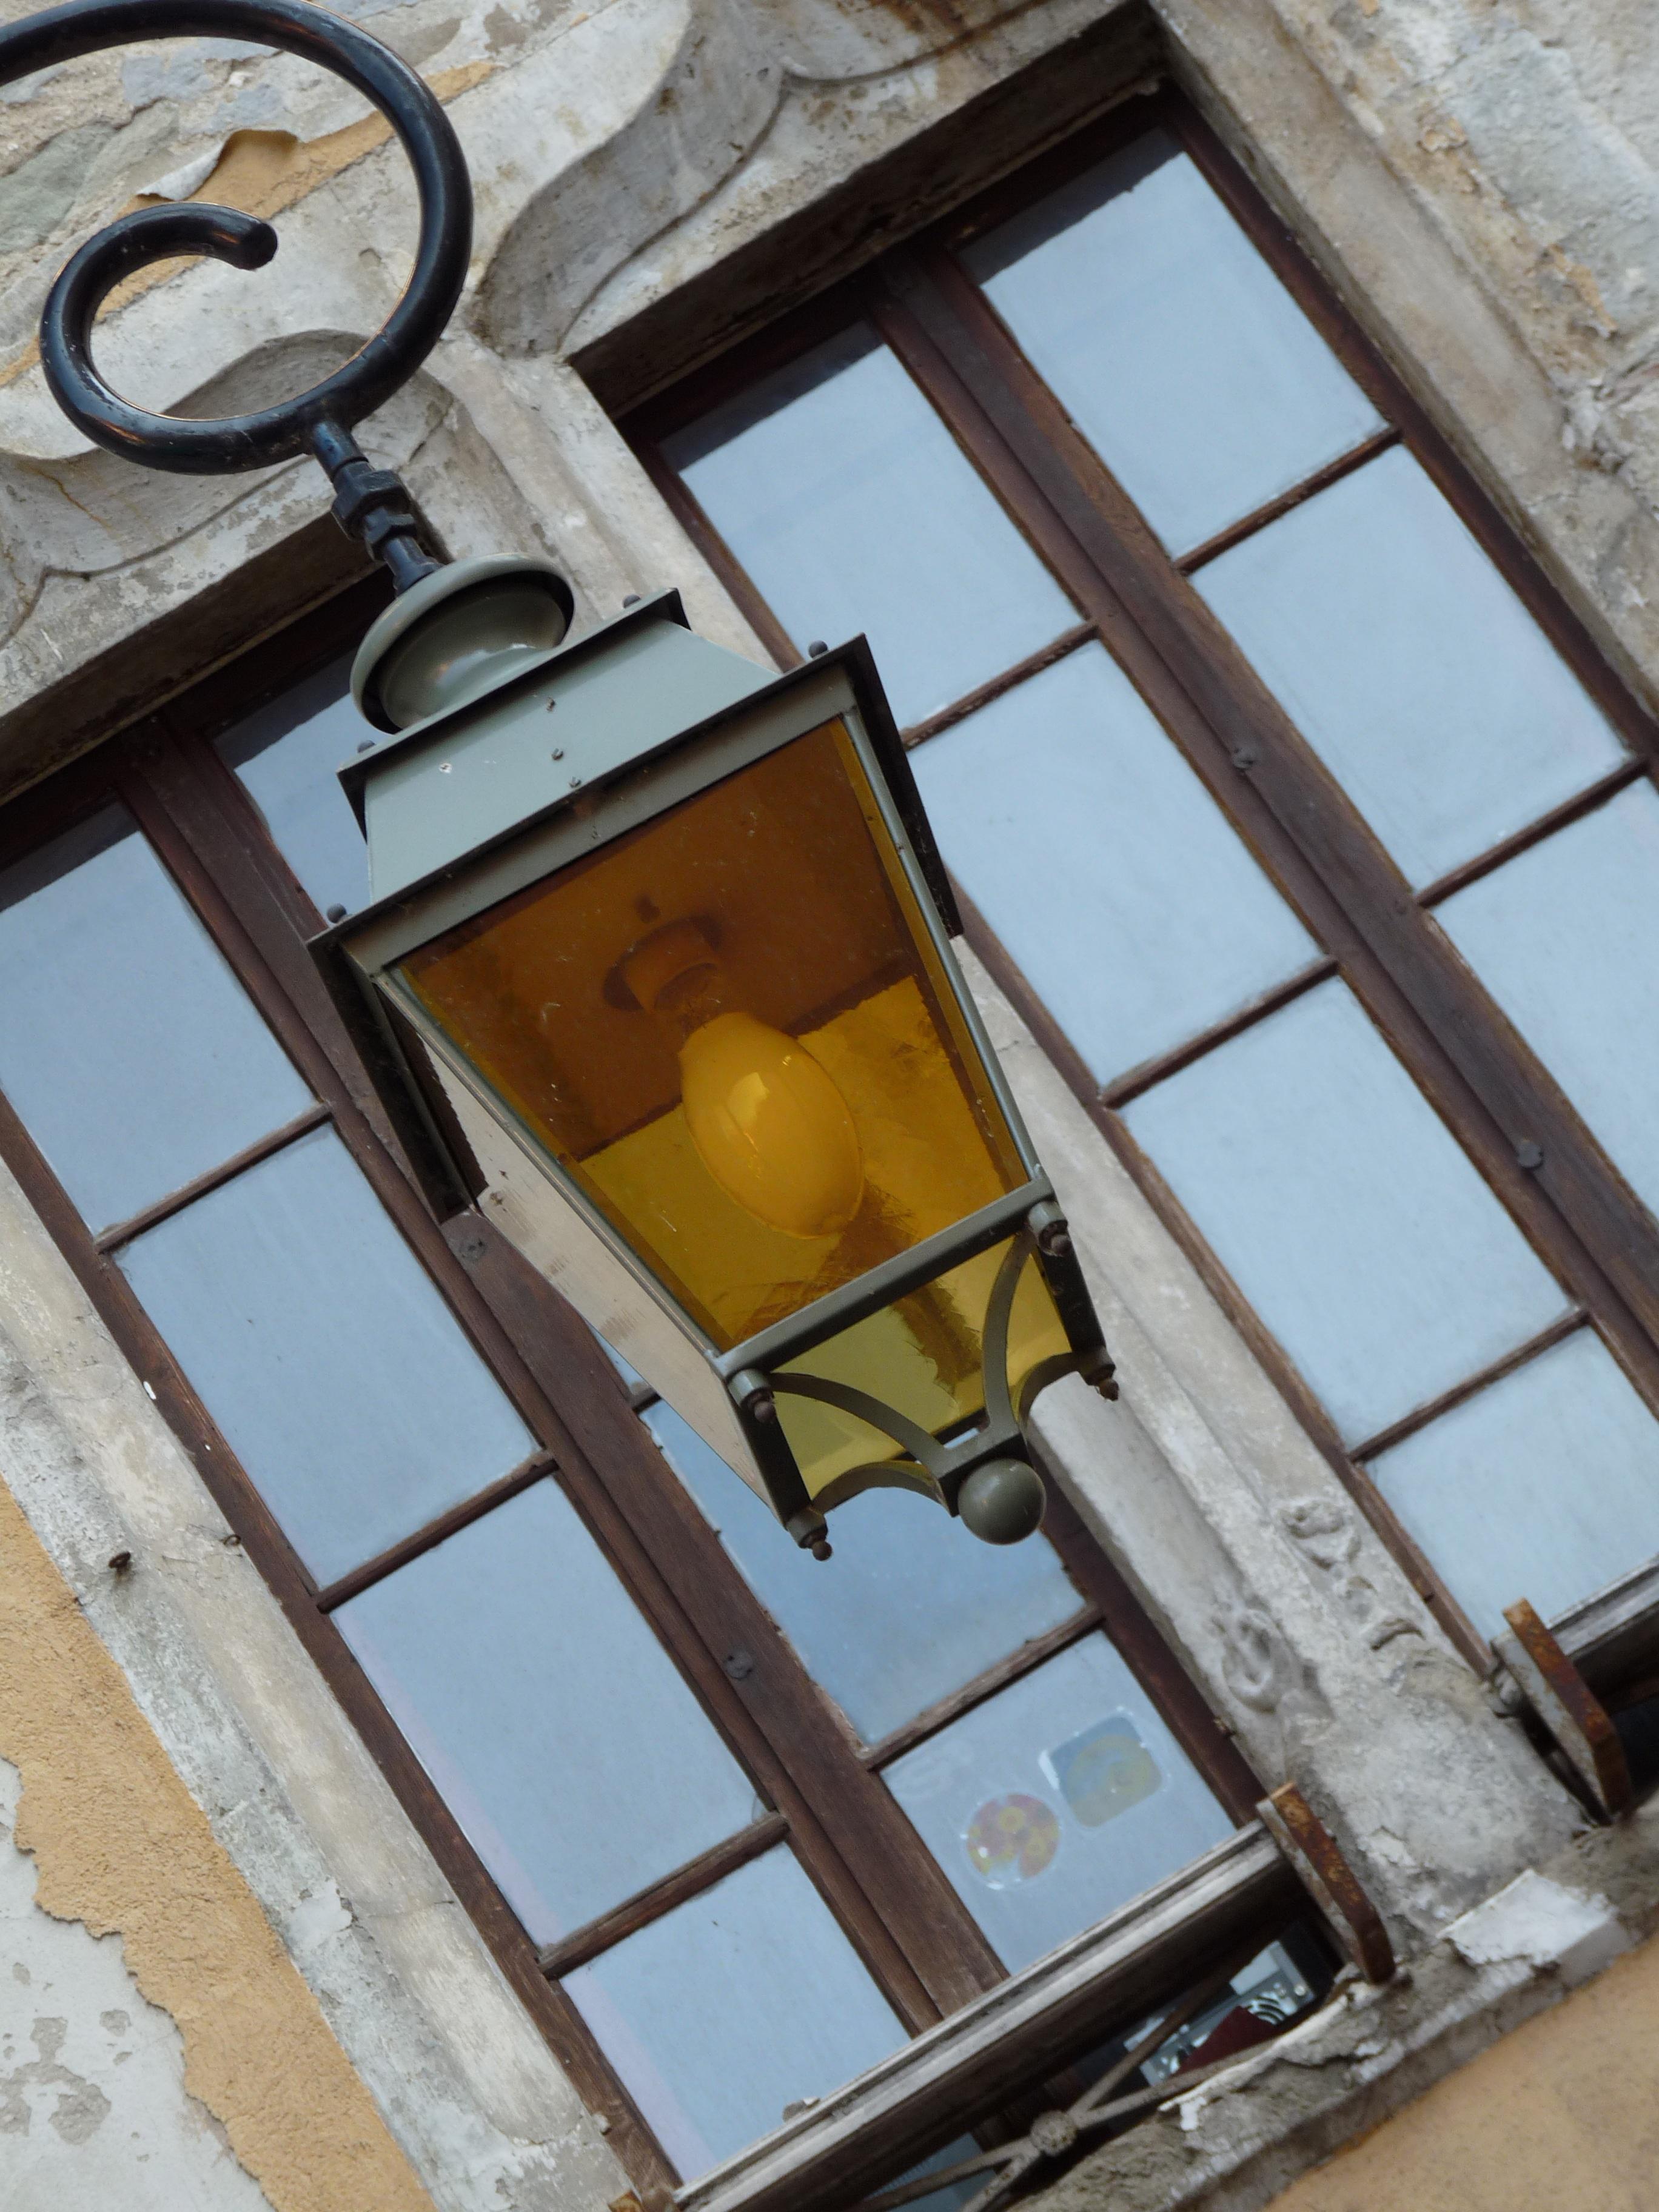 Bakgrundsbilder ljus, trä, gata, hus, fönster, glas, tak, byggnad, stad, urban, vägg, balkong